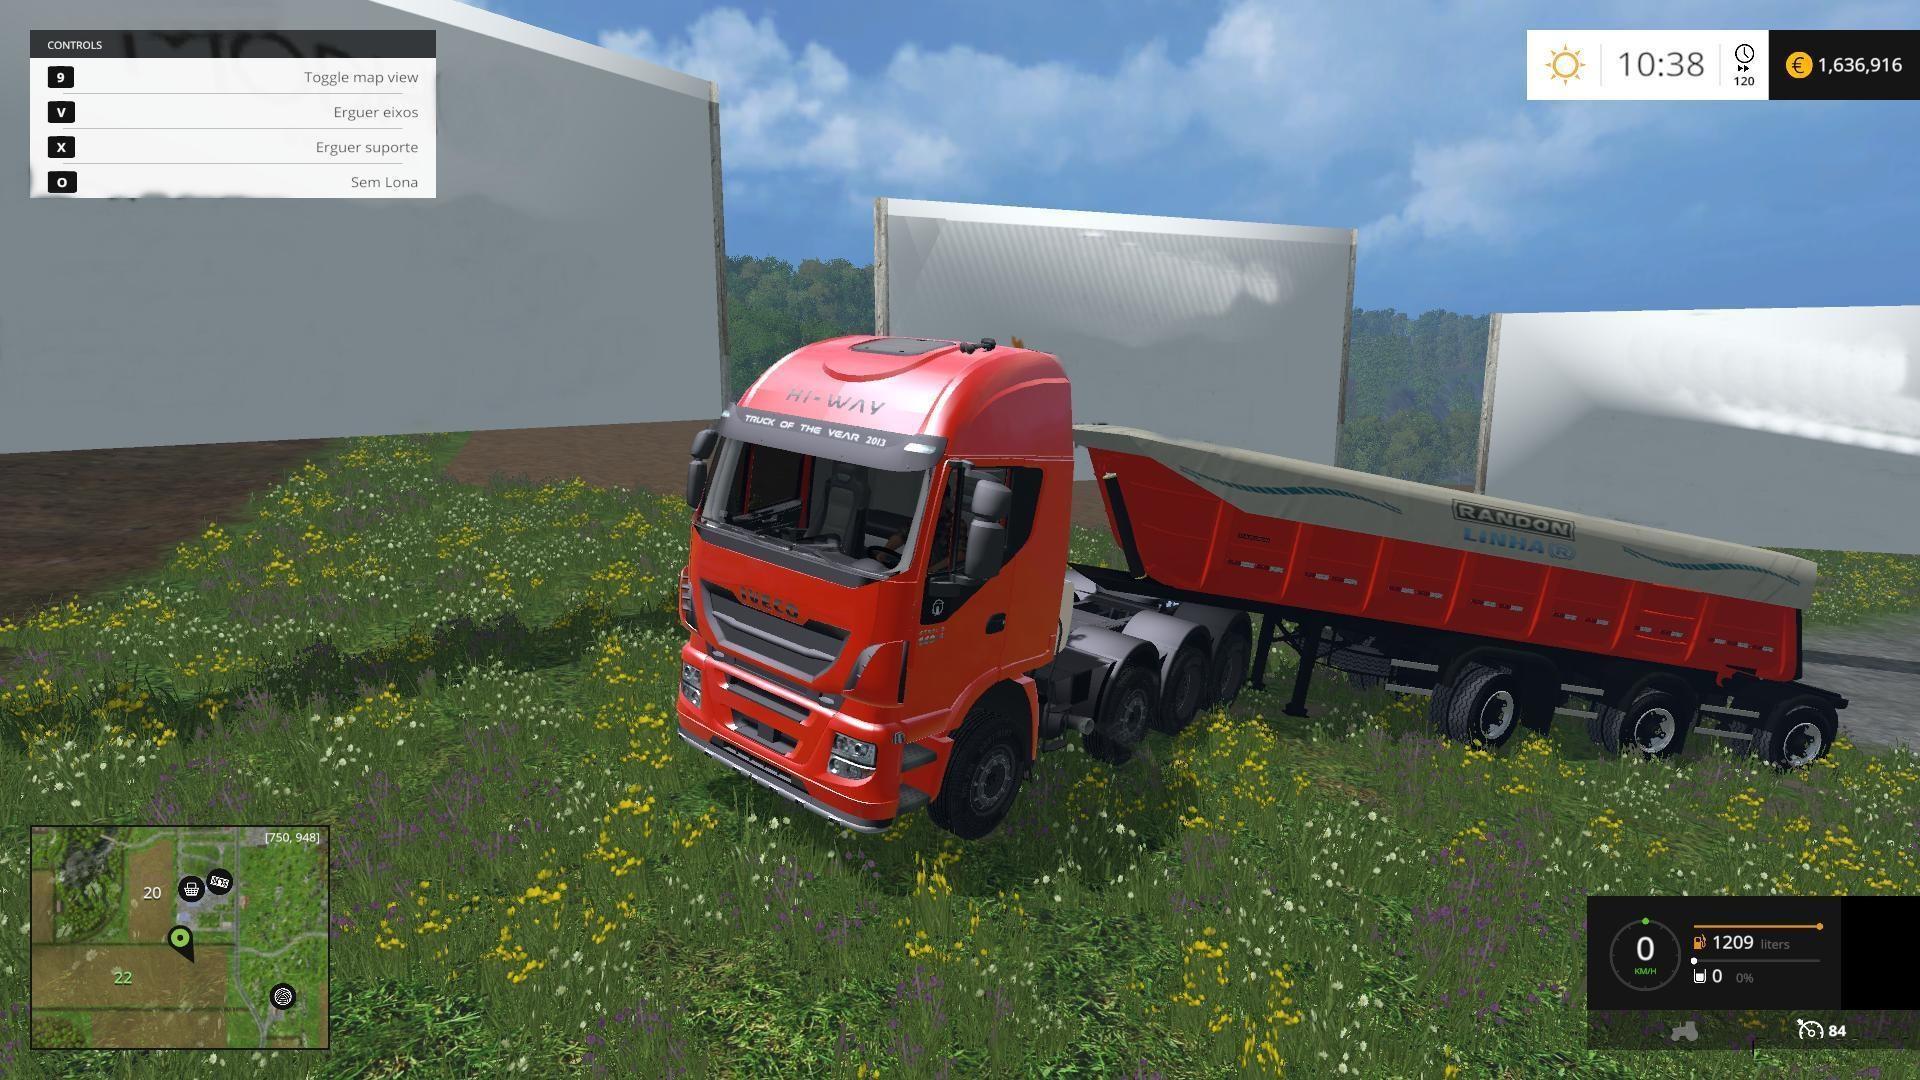 1424170565_iveco-stralis-560-8x4-trailer-v1_1-103